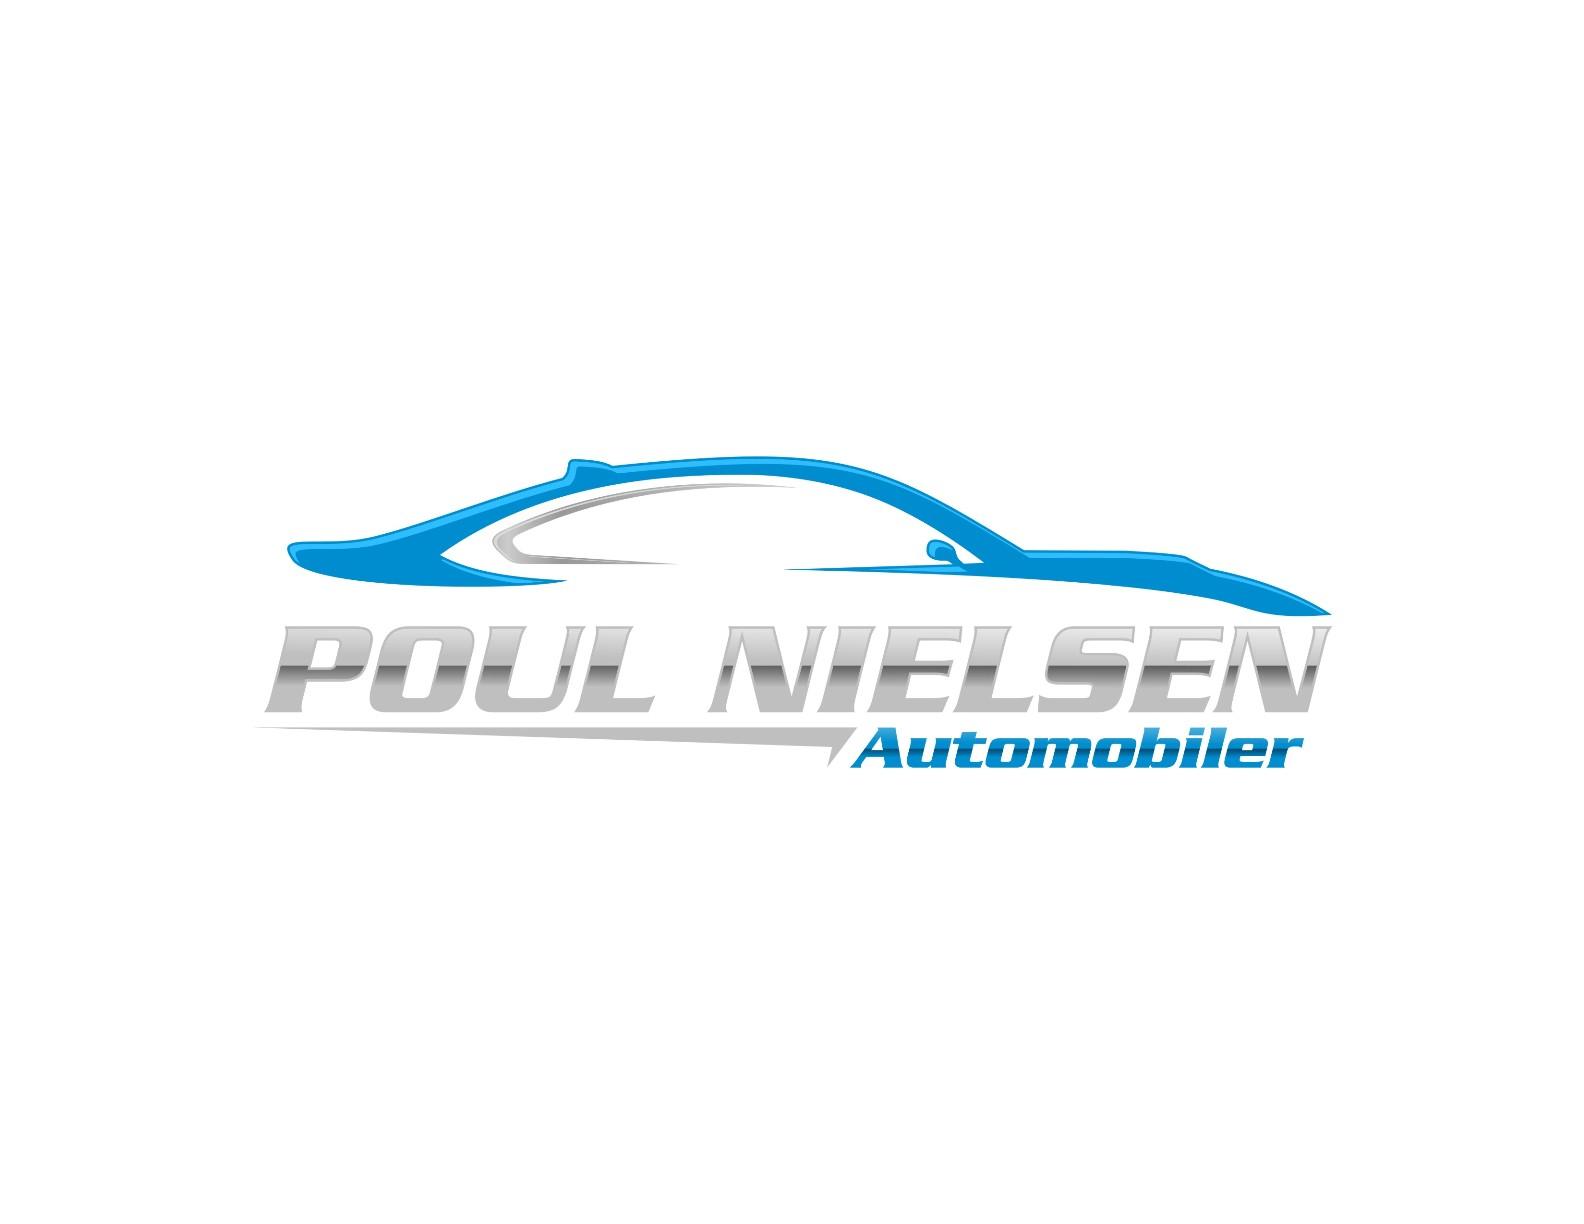 Poul Nielsen Automobiler ApS logo